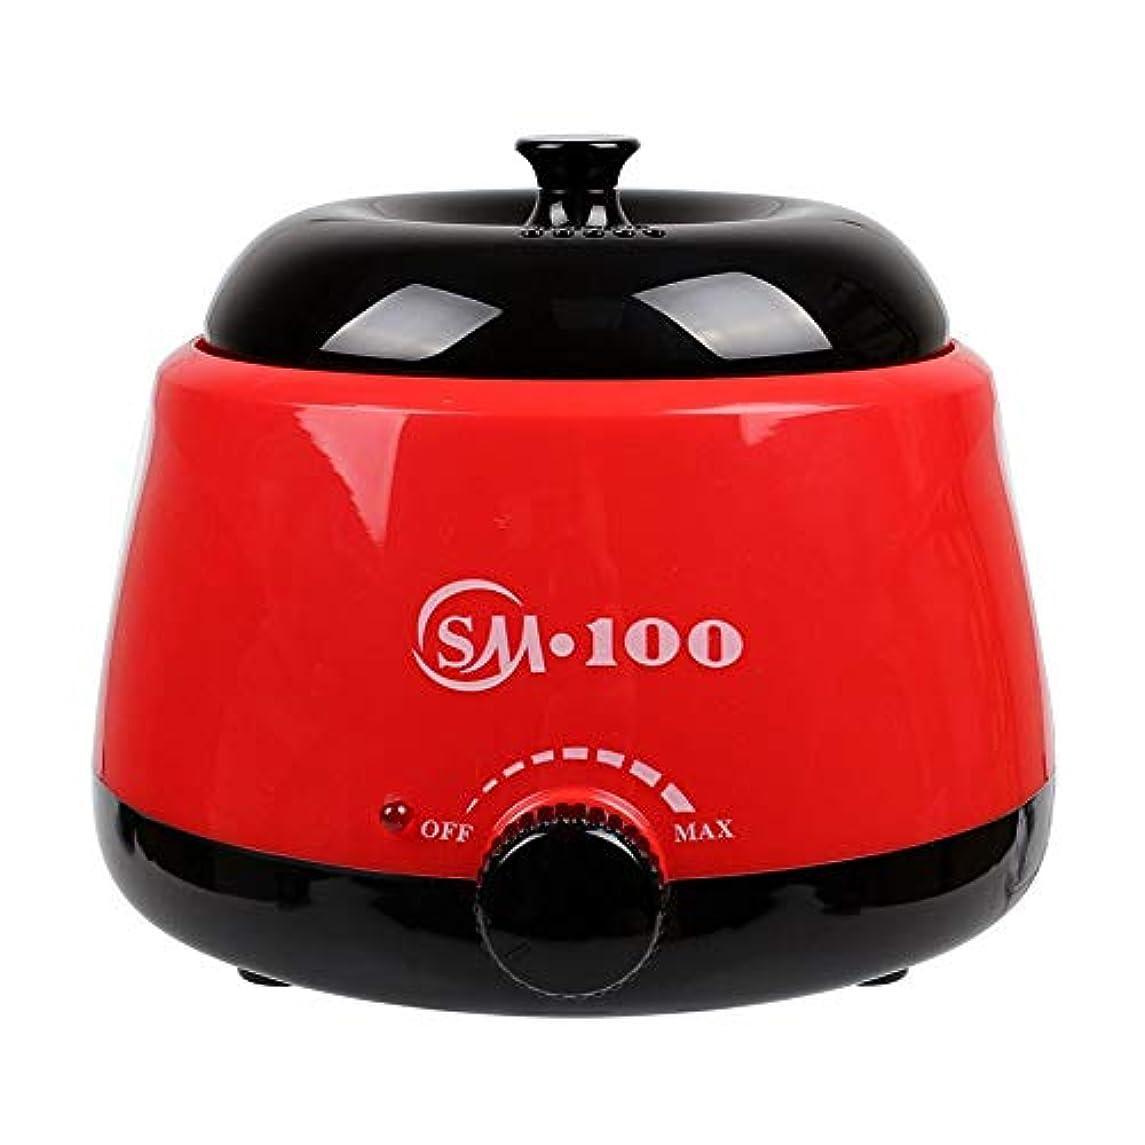 スペル服苦難調節可能な温度のワックスマシン、女性および男性500CCのための多機能の家のワックスが付いている毛の取り外しのための専門の電気ワックスのウォーマーのヒーターのメルター